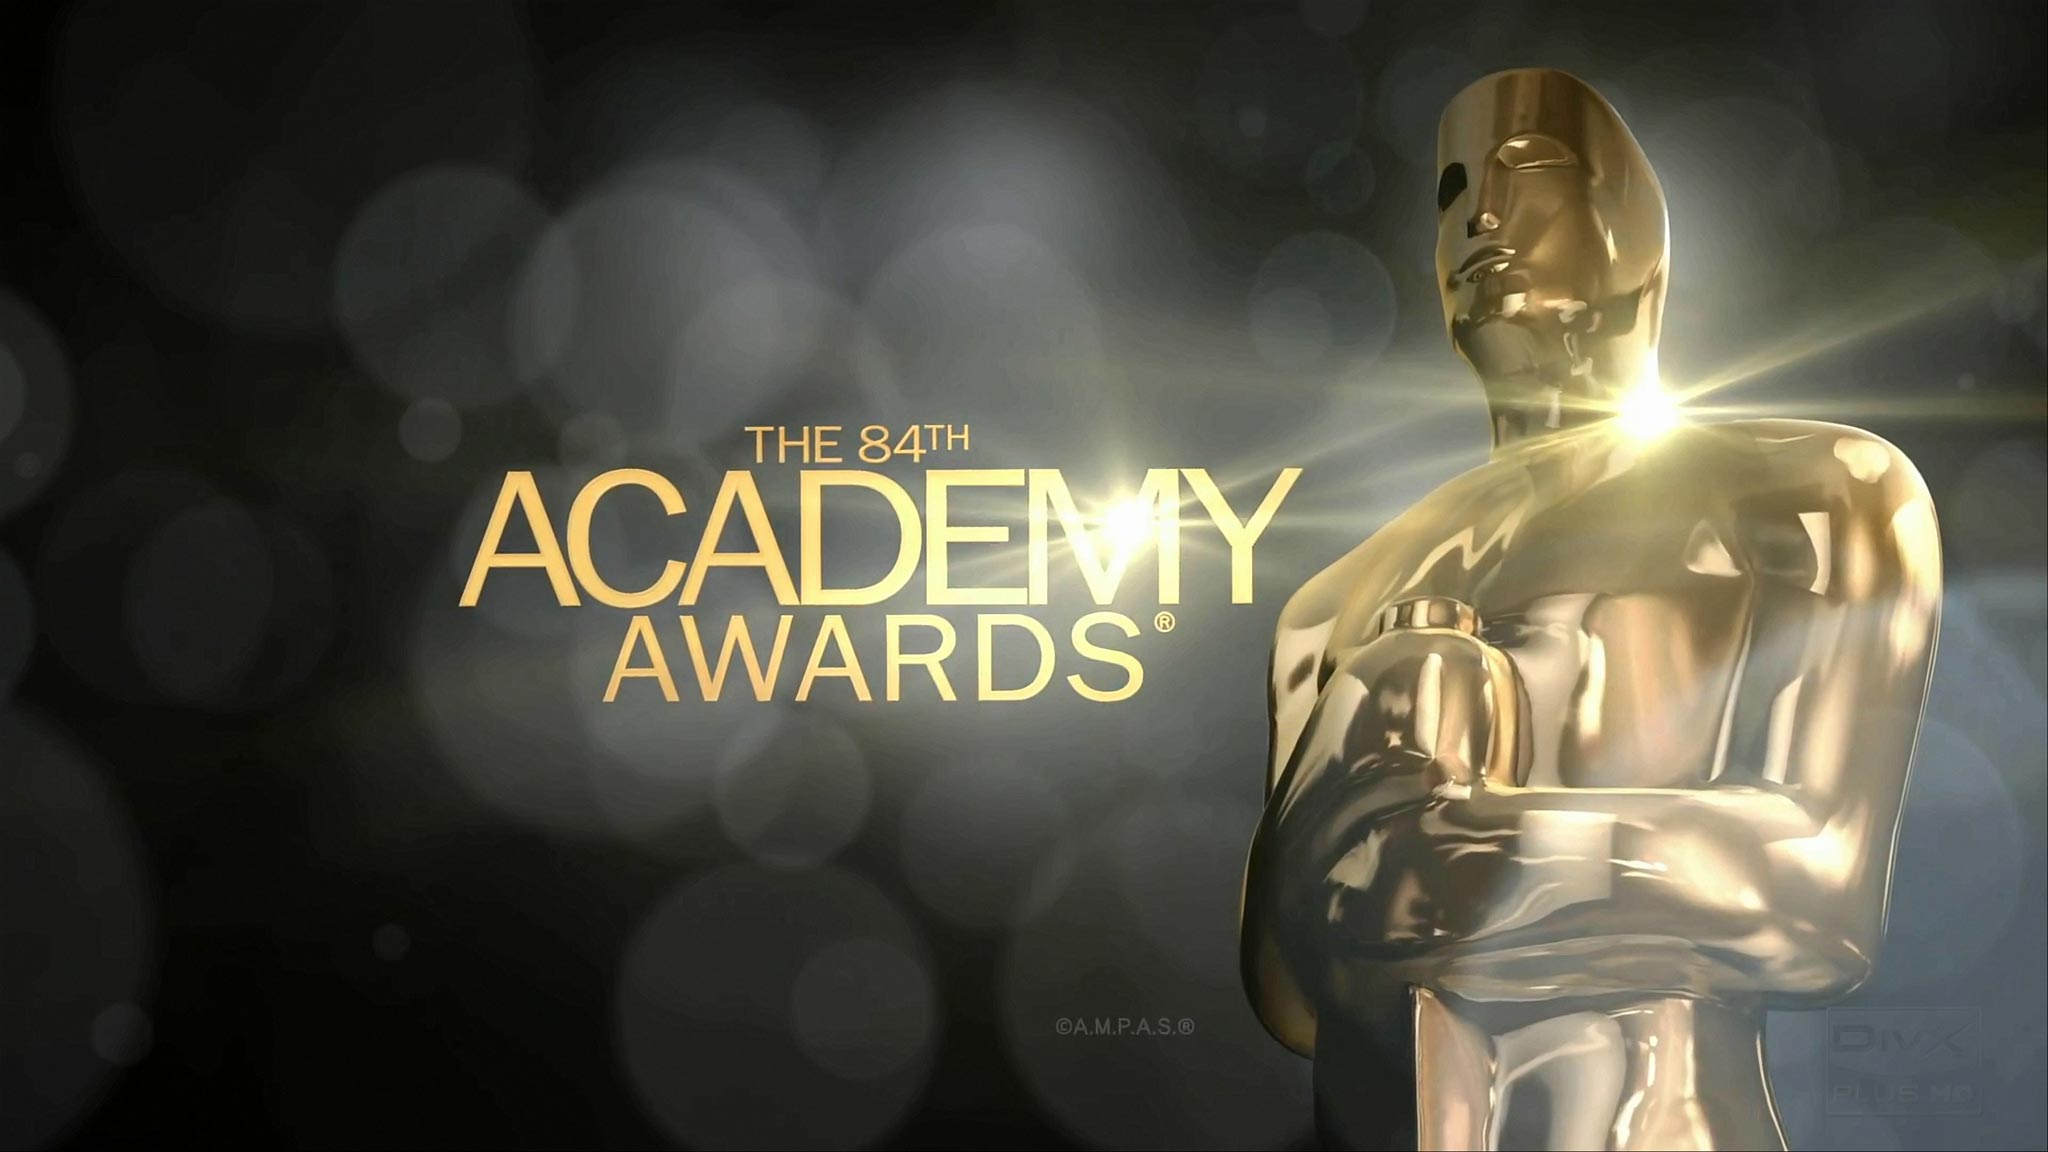 Церемония Оскар 2020 / Oscars 2020 Academy Awards Прямой эфир в ночь с 09 на 10 февраля 02:00 Мск / Трансляция Смотреть онлайн